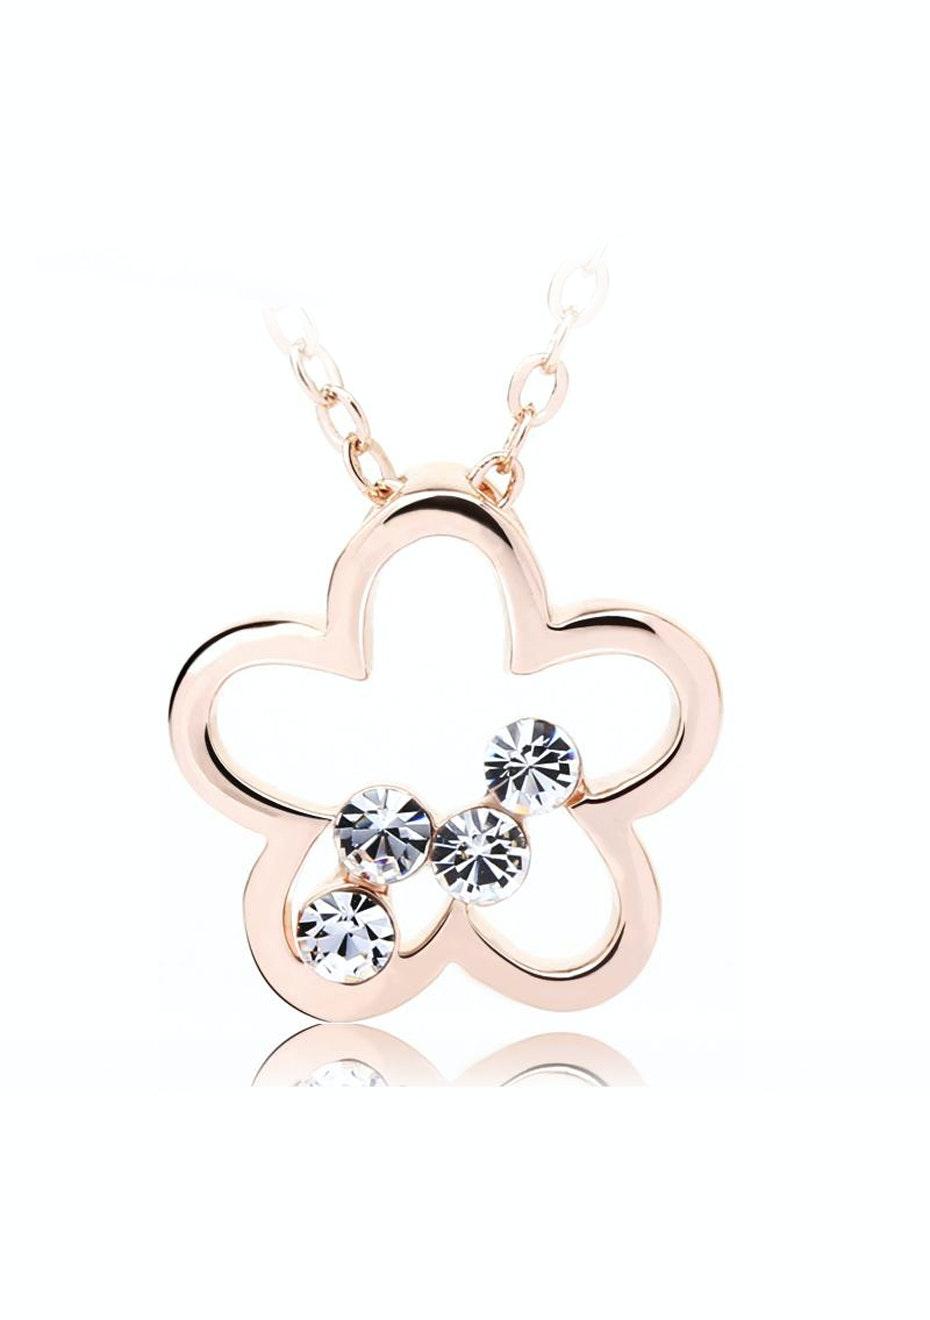 Clover Kepper Pendant Necklace Ft Swarovski Elements -RG